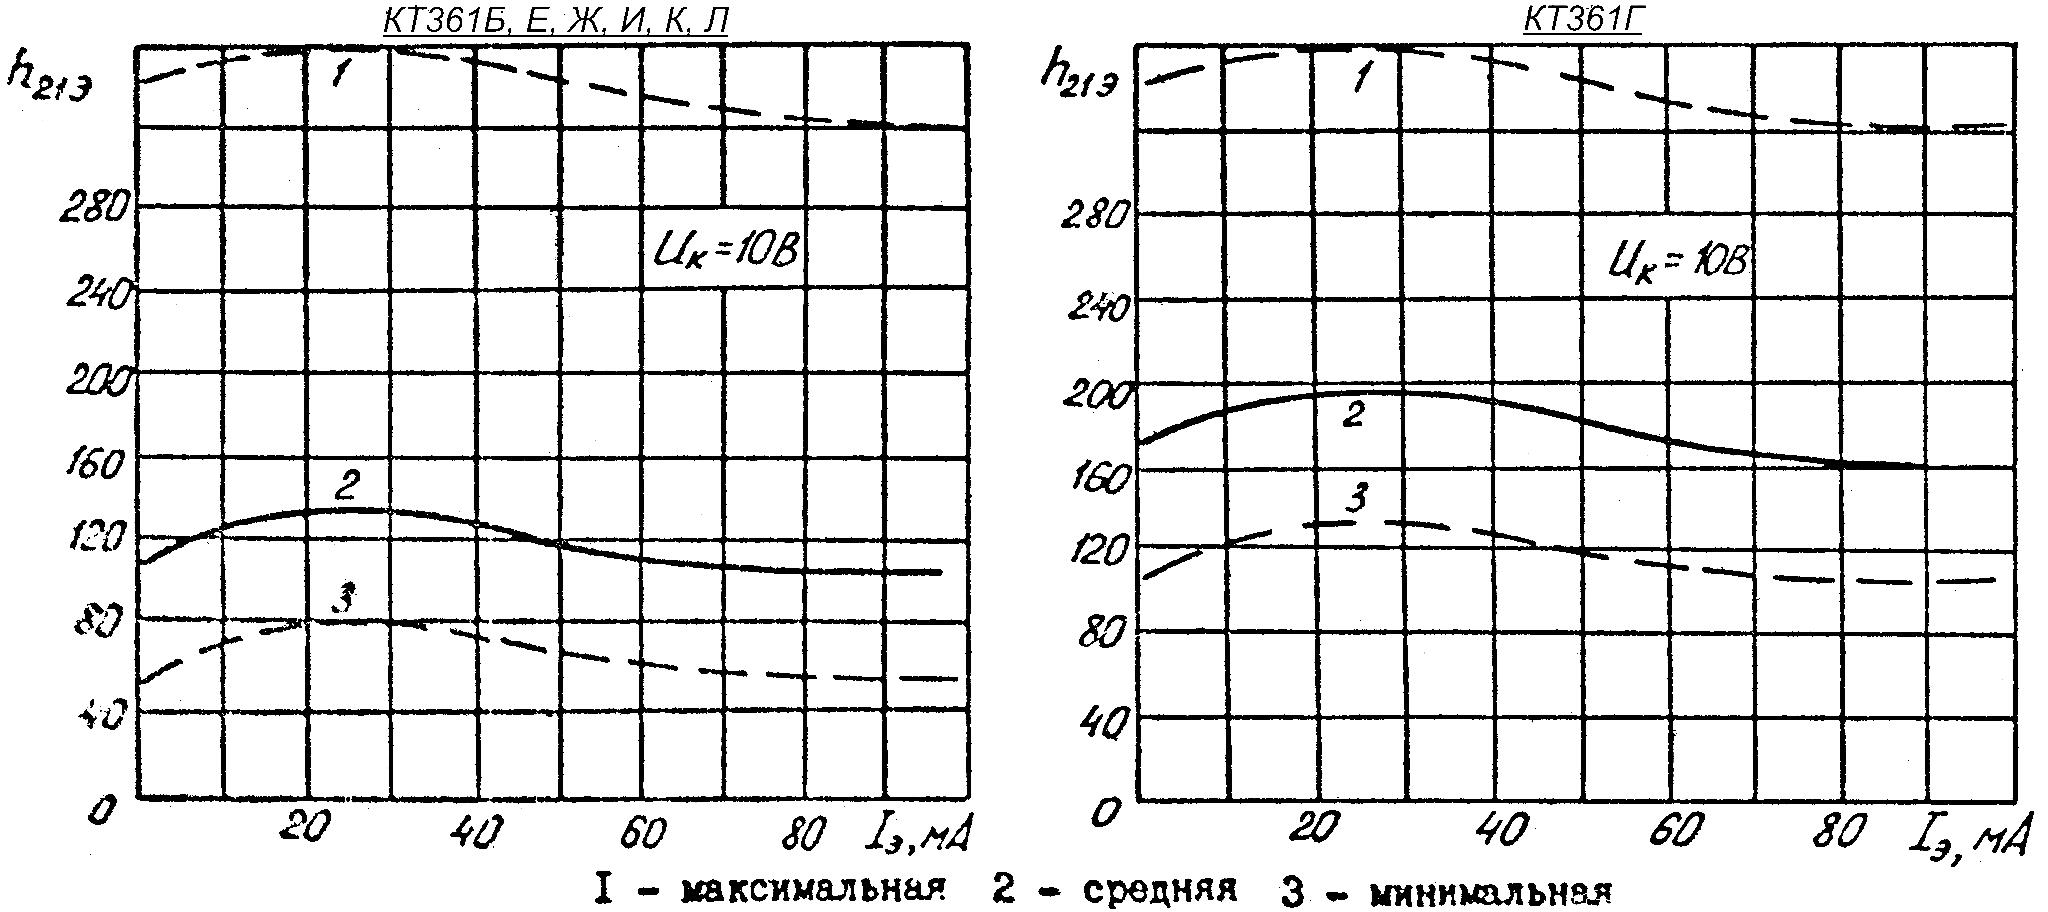 Зависимость статического коэффициента передачи тока в режиме большого сигнала с границами 95% разброса для транзисторов КТ361Б, КТ361Е, КТ361Ж, КТ361И, КТ361К, КТ361Л и КТ361Г